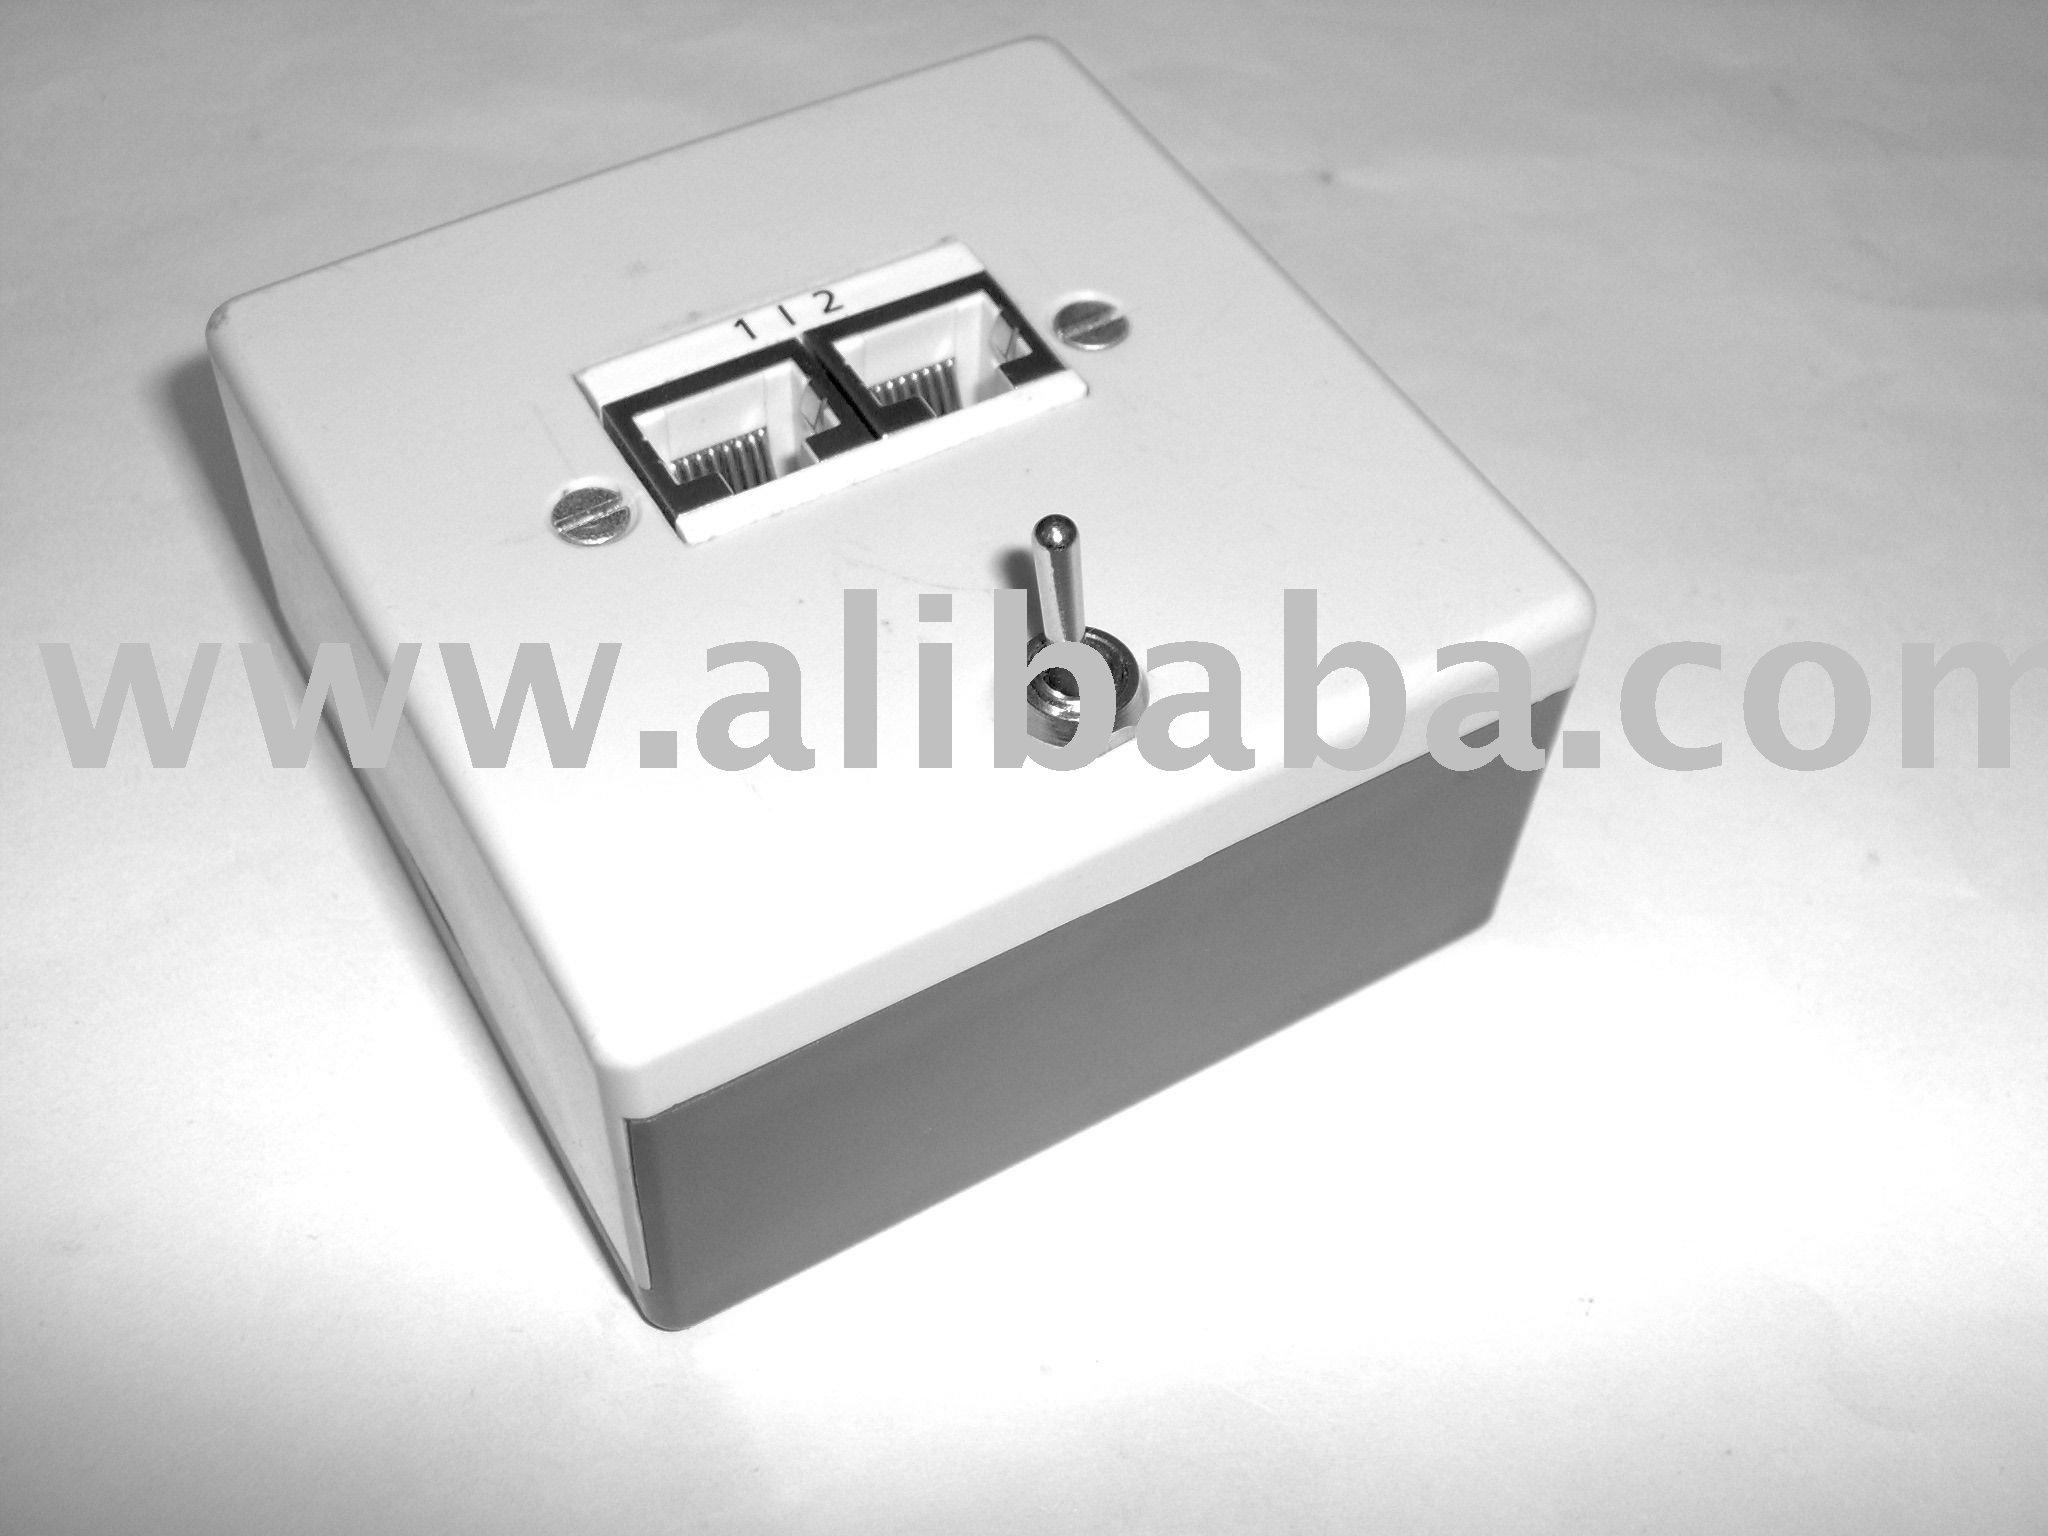 lenkabel mit schalter sicherheits schalter f 252 r lan kabel netzwerkswitch produkt aufputz. Black Bedroom Furniture Sets. Home Design Ideas